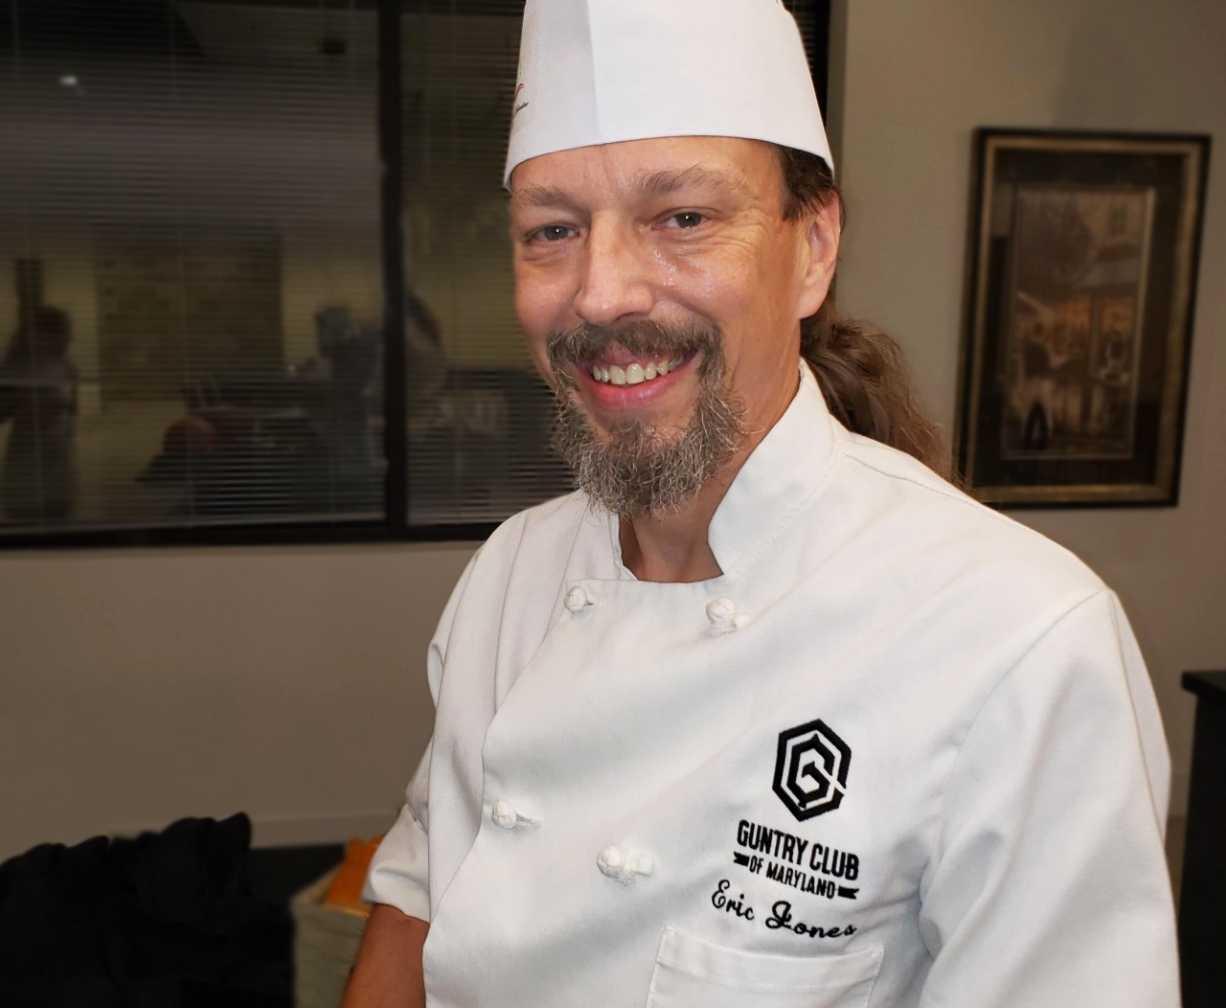 guntry-chef-eric-jones